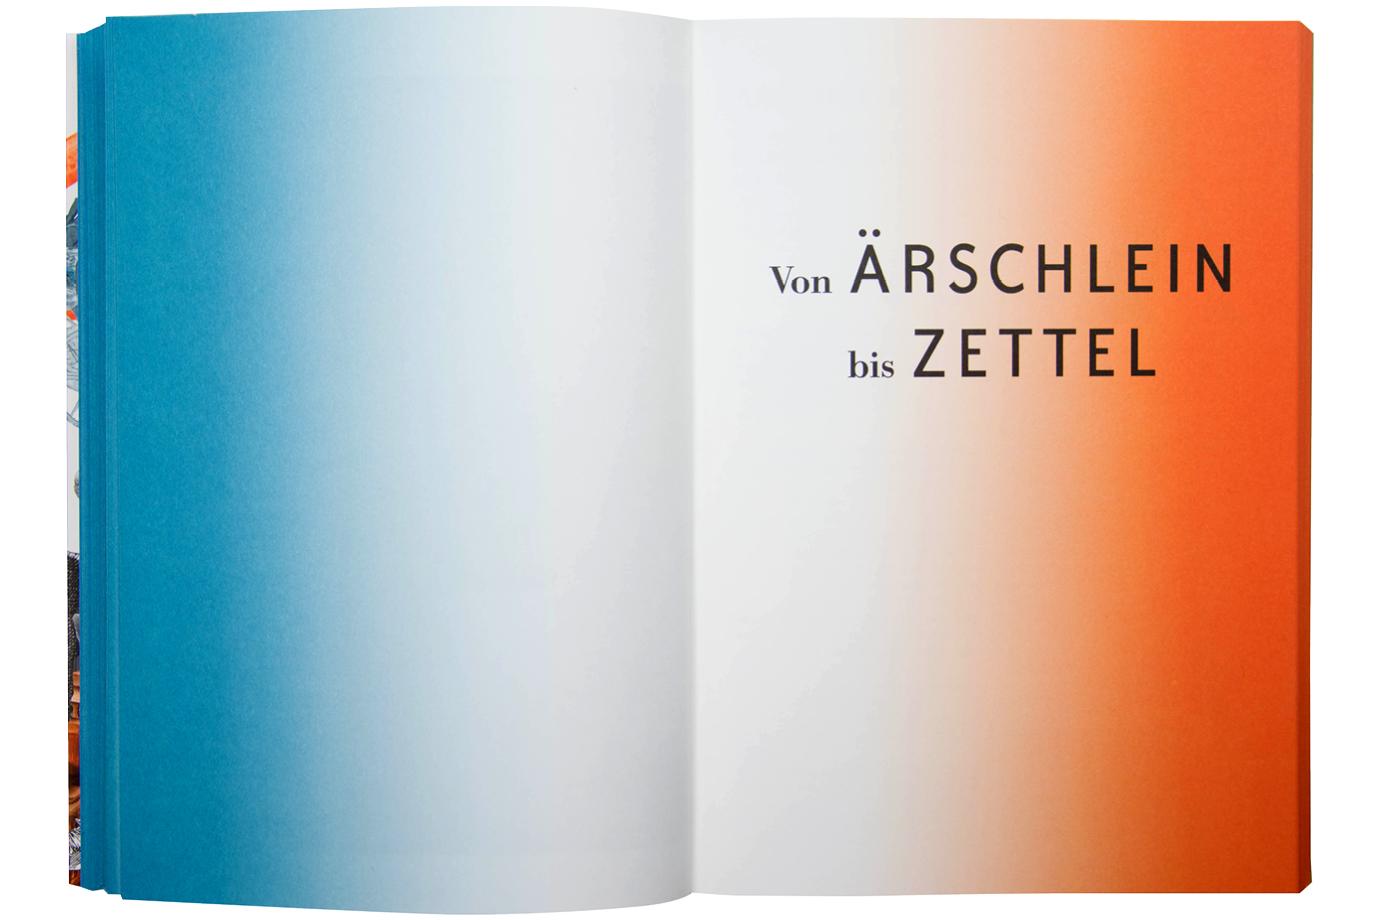 http://e-o-t.de/wordpress/wp-content/uploads/2017/05/2015_eot-Grimmwelt-Book-05.jpg